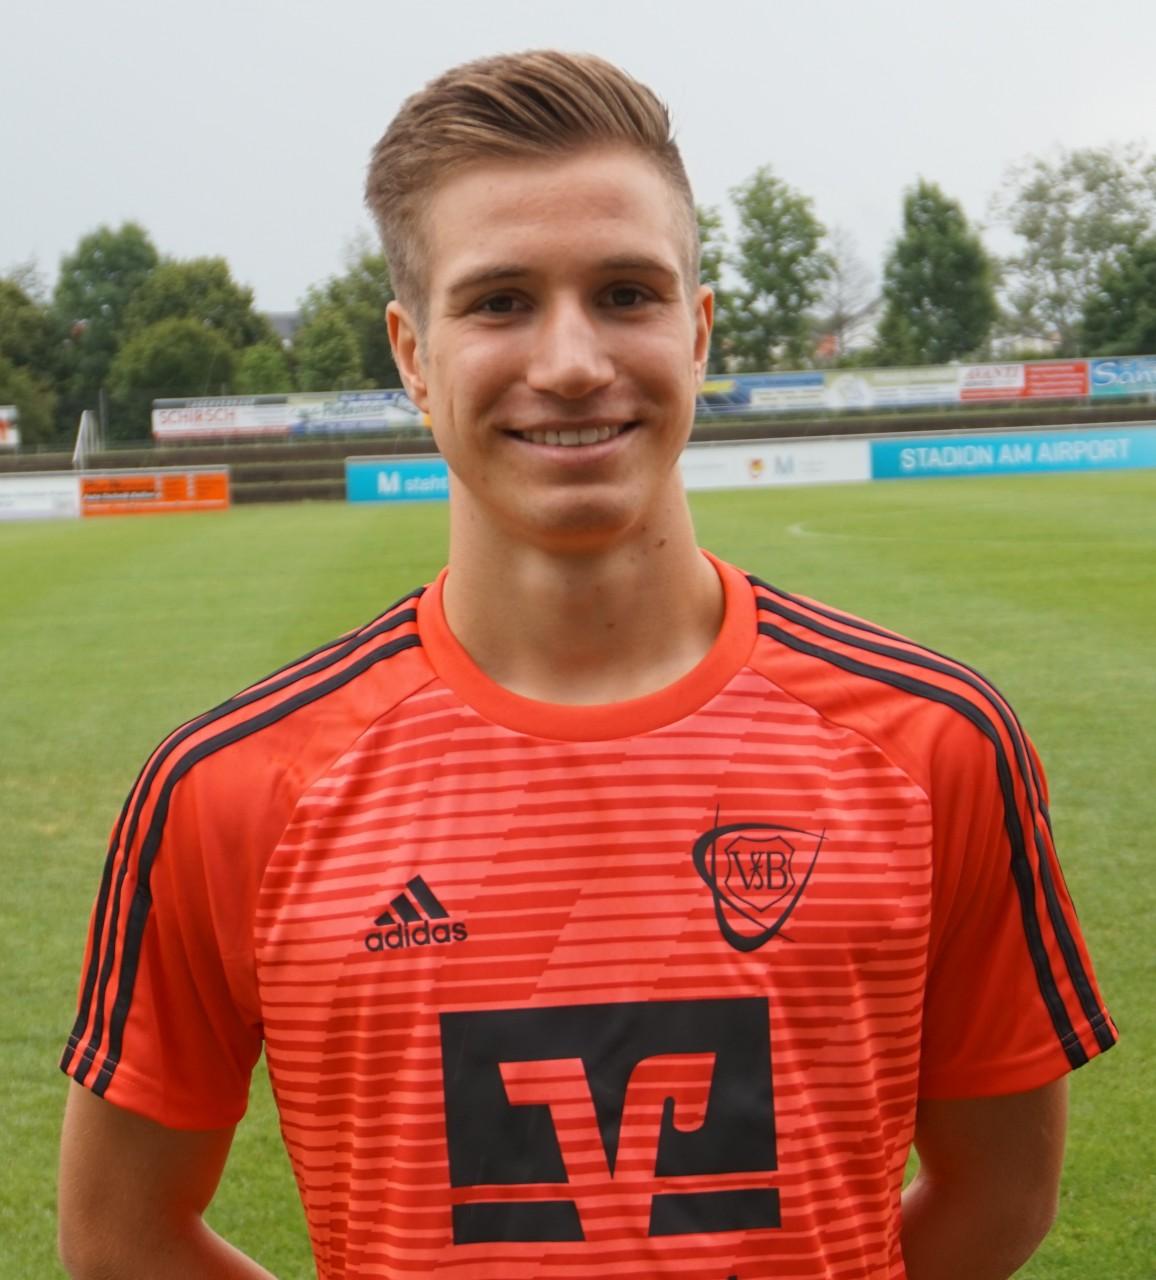 VfB Hallbergmoos wird für Geduld belohnt und gewinnt mit 2:1 gegen Töging